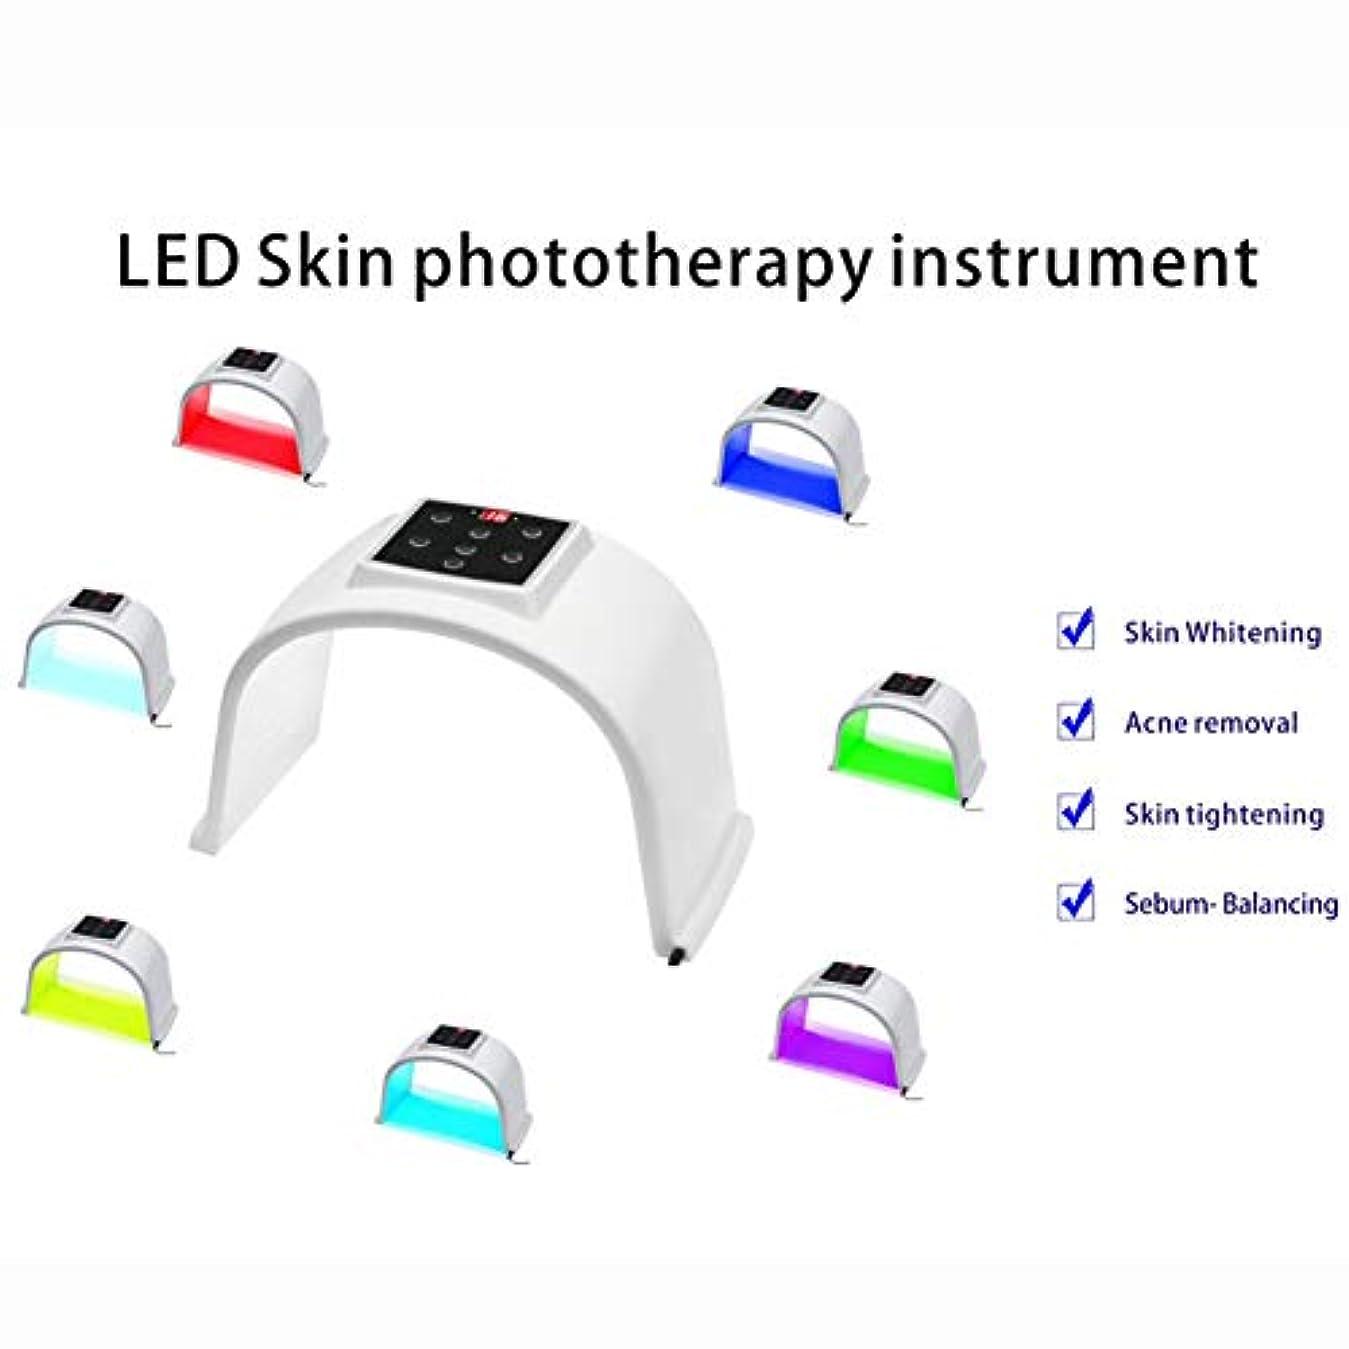 条約ハウジングコンピューター7色LED肌の光線療法の器械、7色LEDの顔のマスク、人及び女性の老化防止/皮の若返り/にきびの減少PDT光線療法のDermatometer